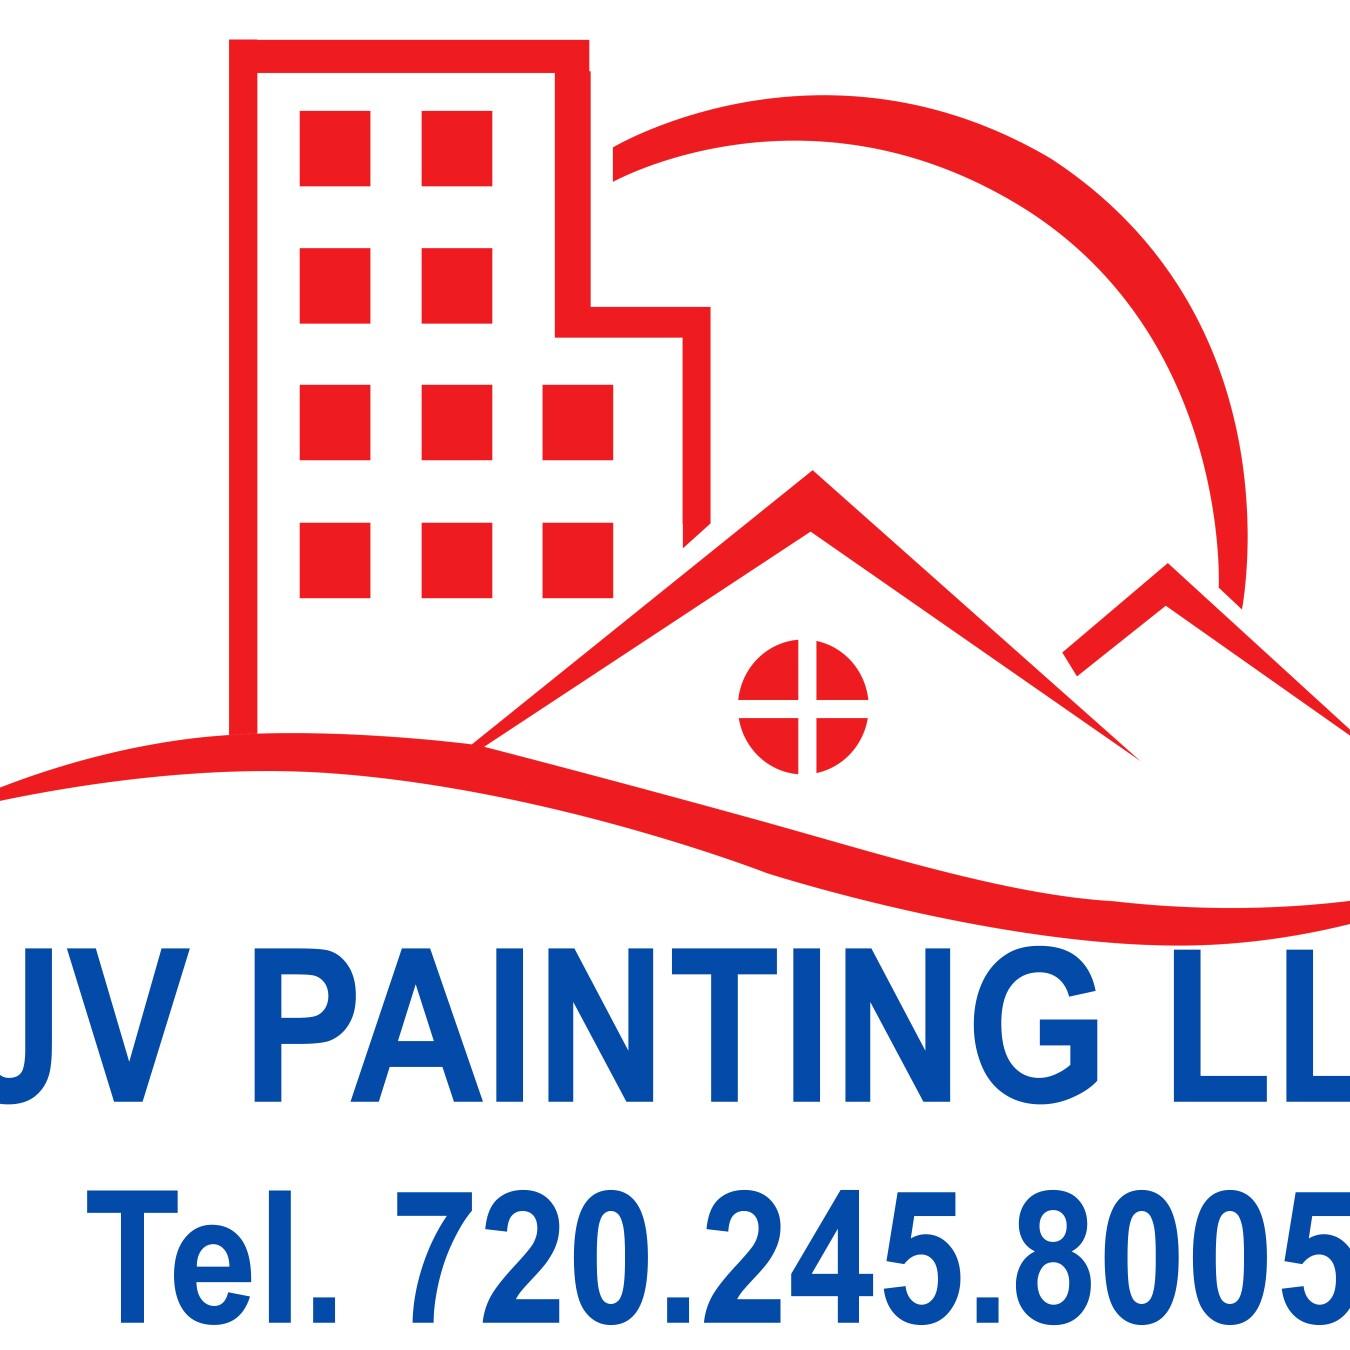 Jv Painting Llc In Denver Co 80219 Chamberofcommerce Com